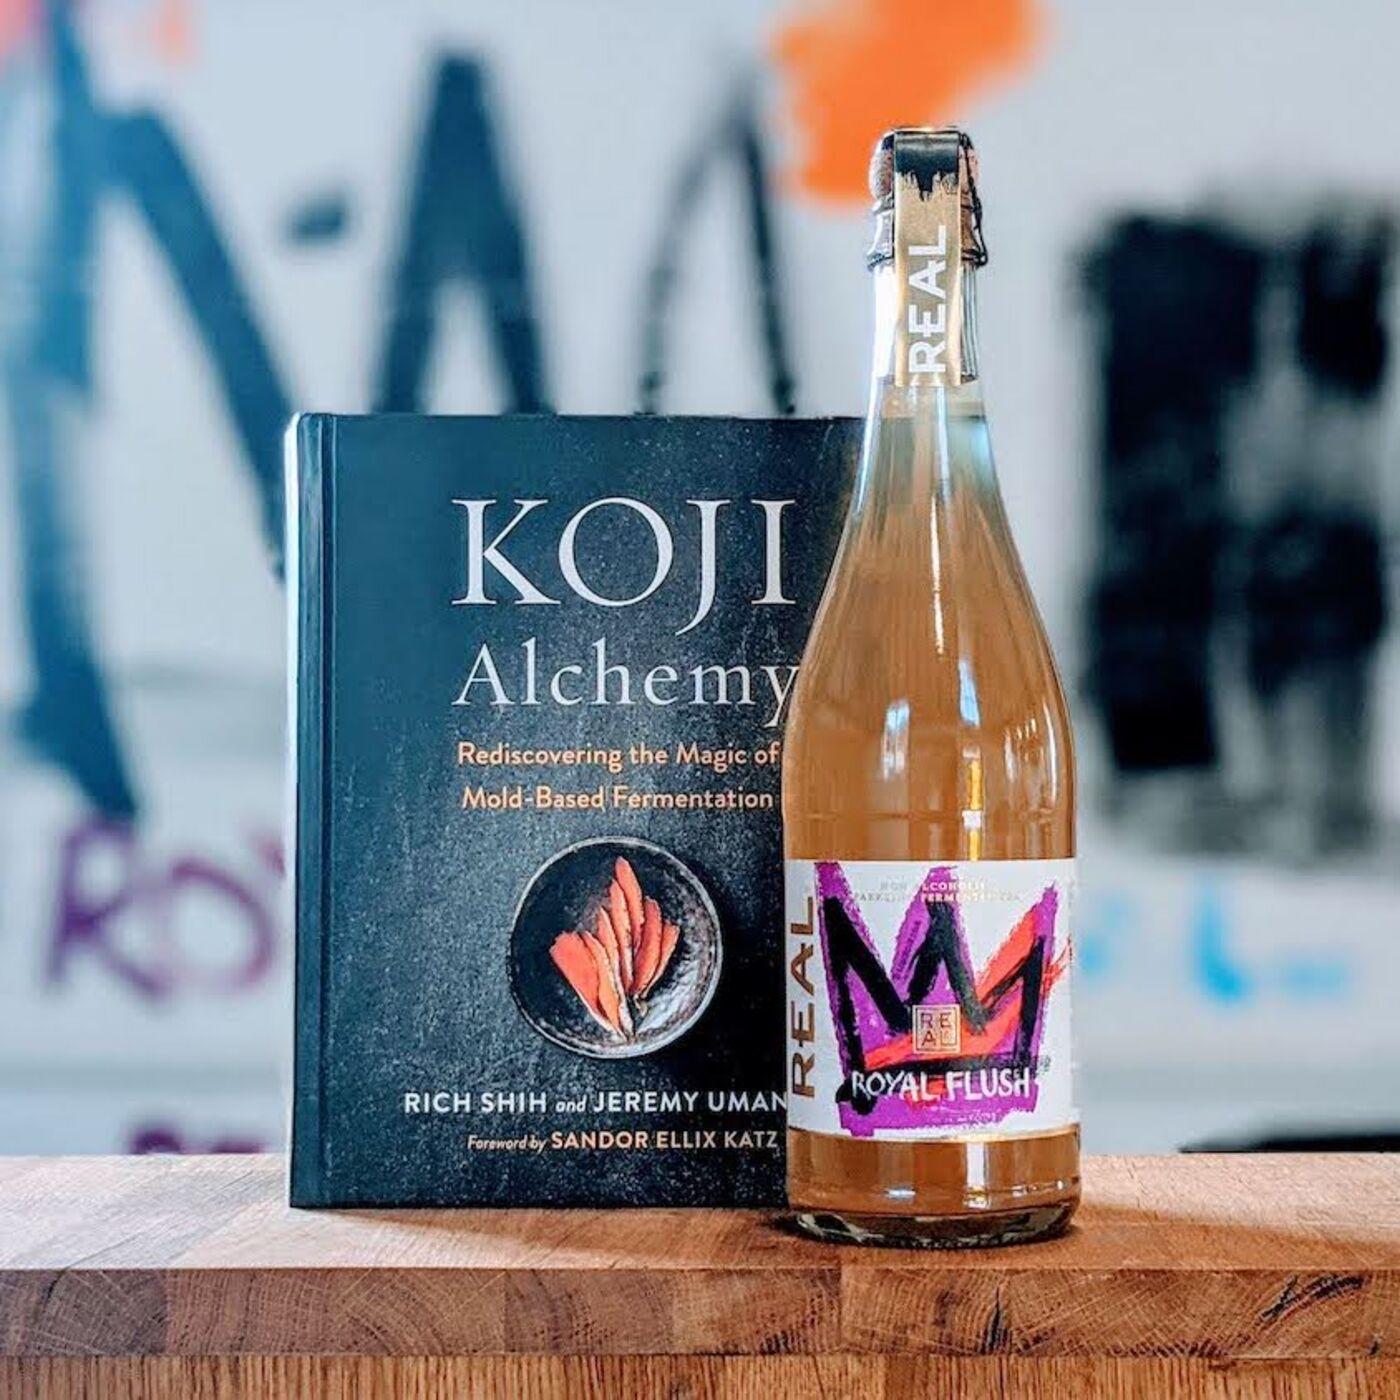 Koji Alchemy - A podcast interview with Jeremy Umansky and Rich Shih